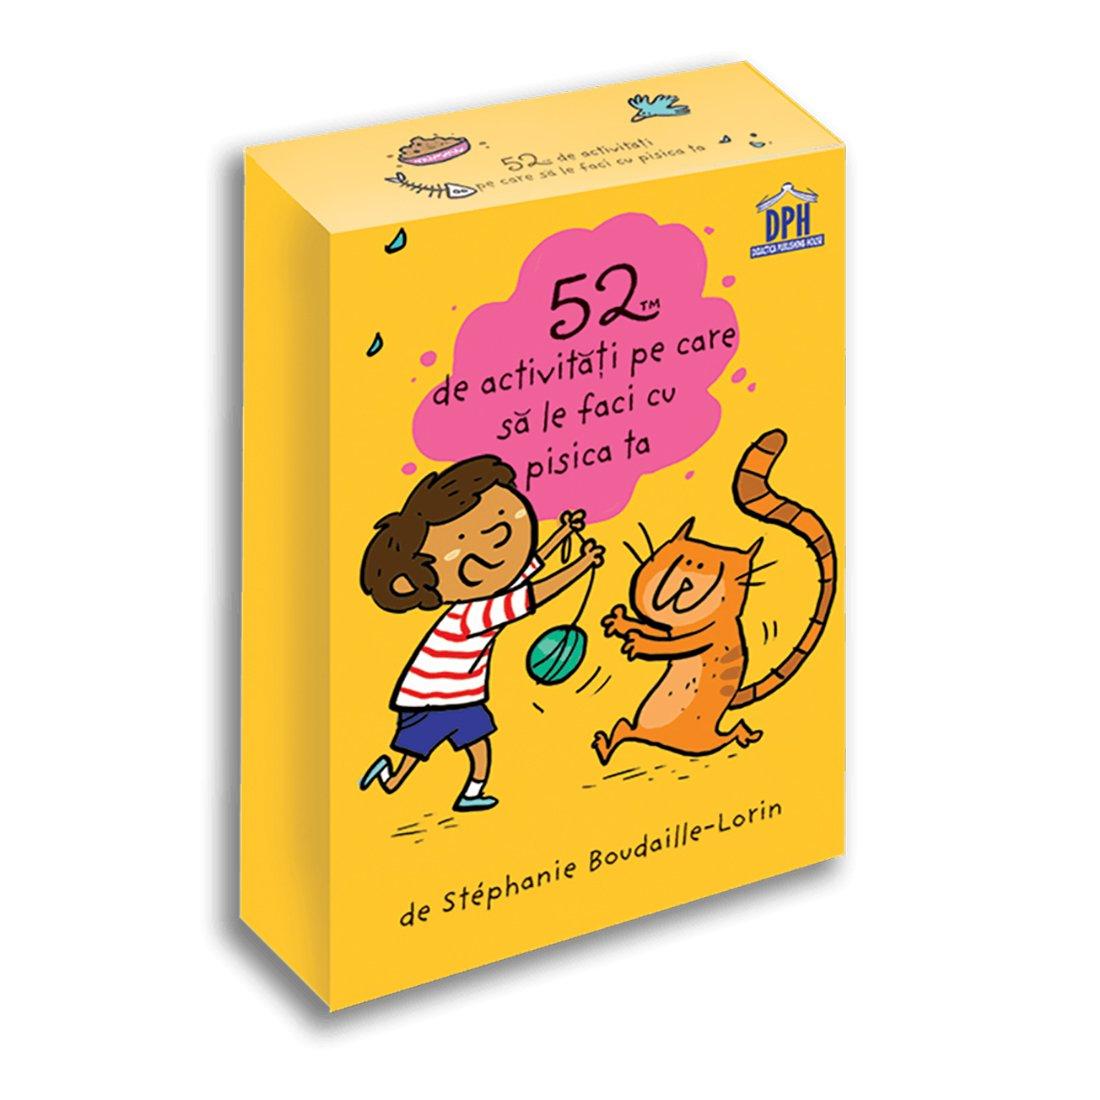 52 de activitati pe care sa le faci cu pisica ta, Editura DPH